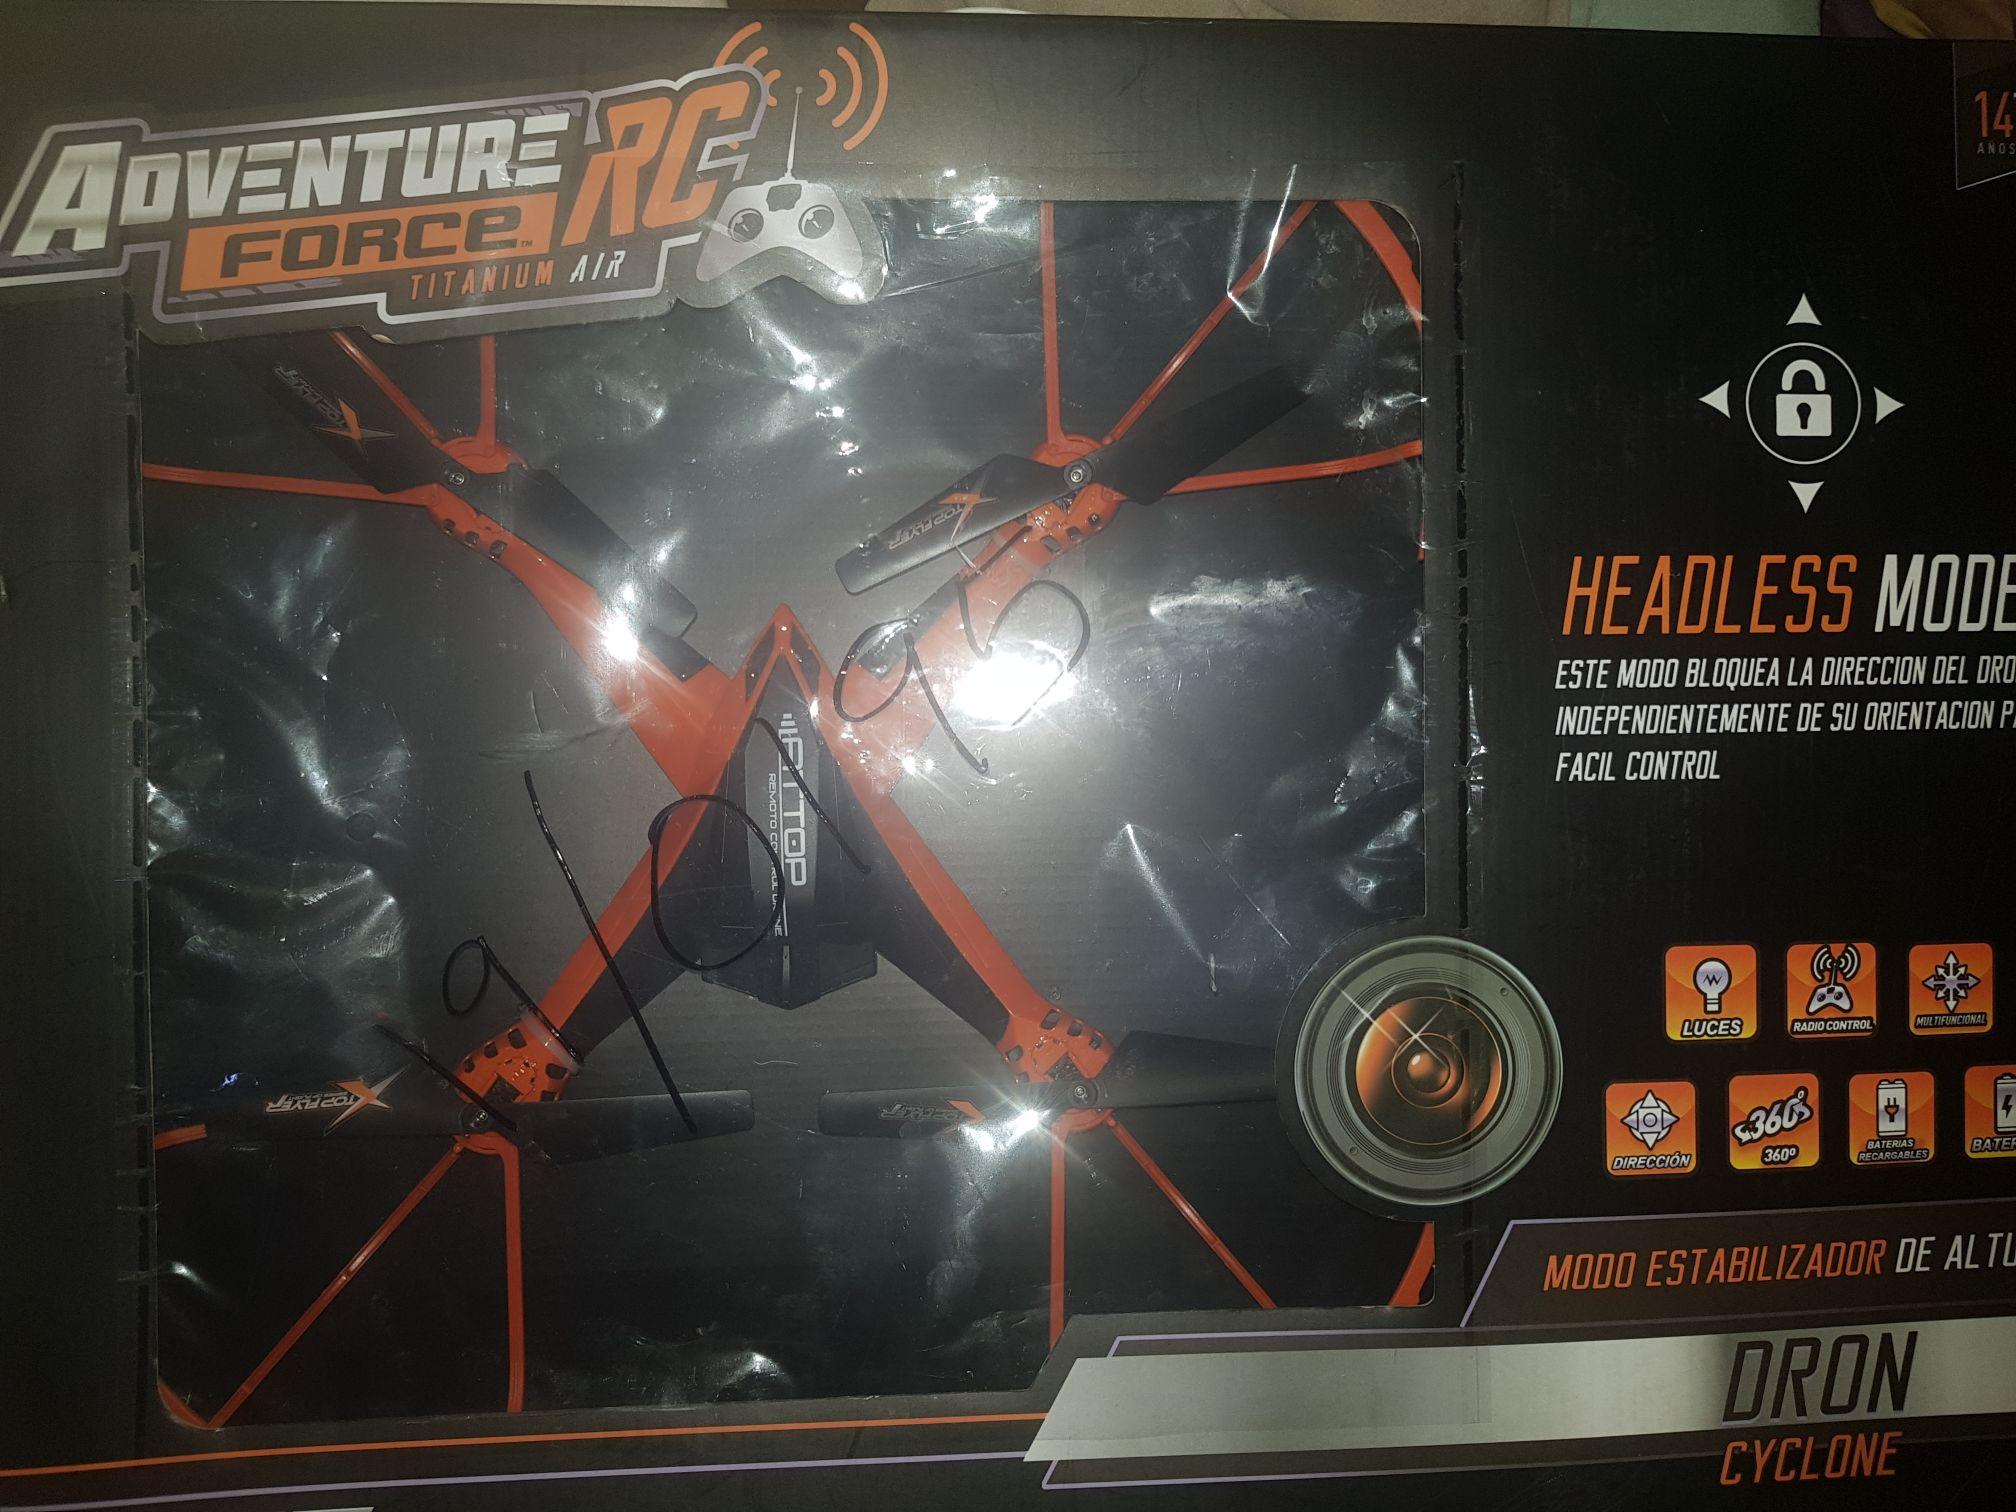 Walmart: Dron Adventure Force Titanium Air